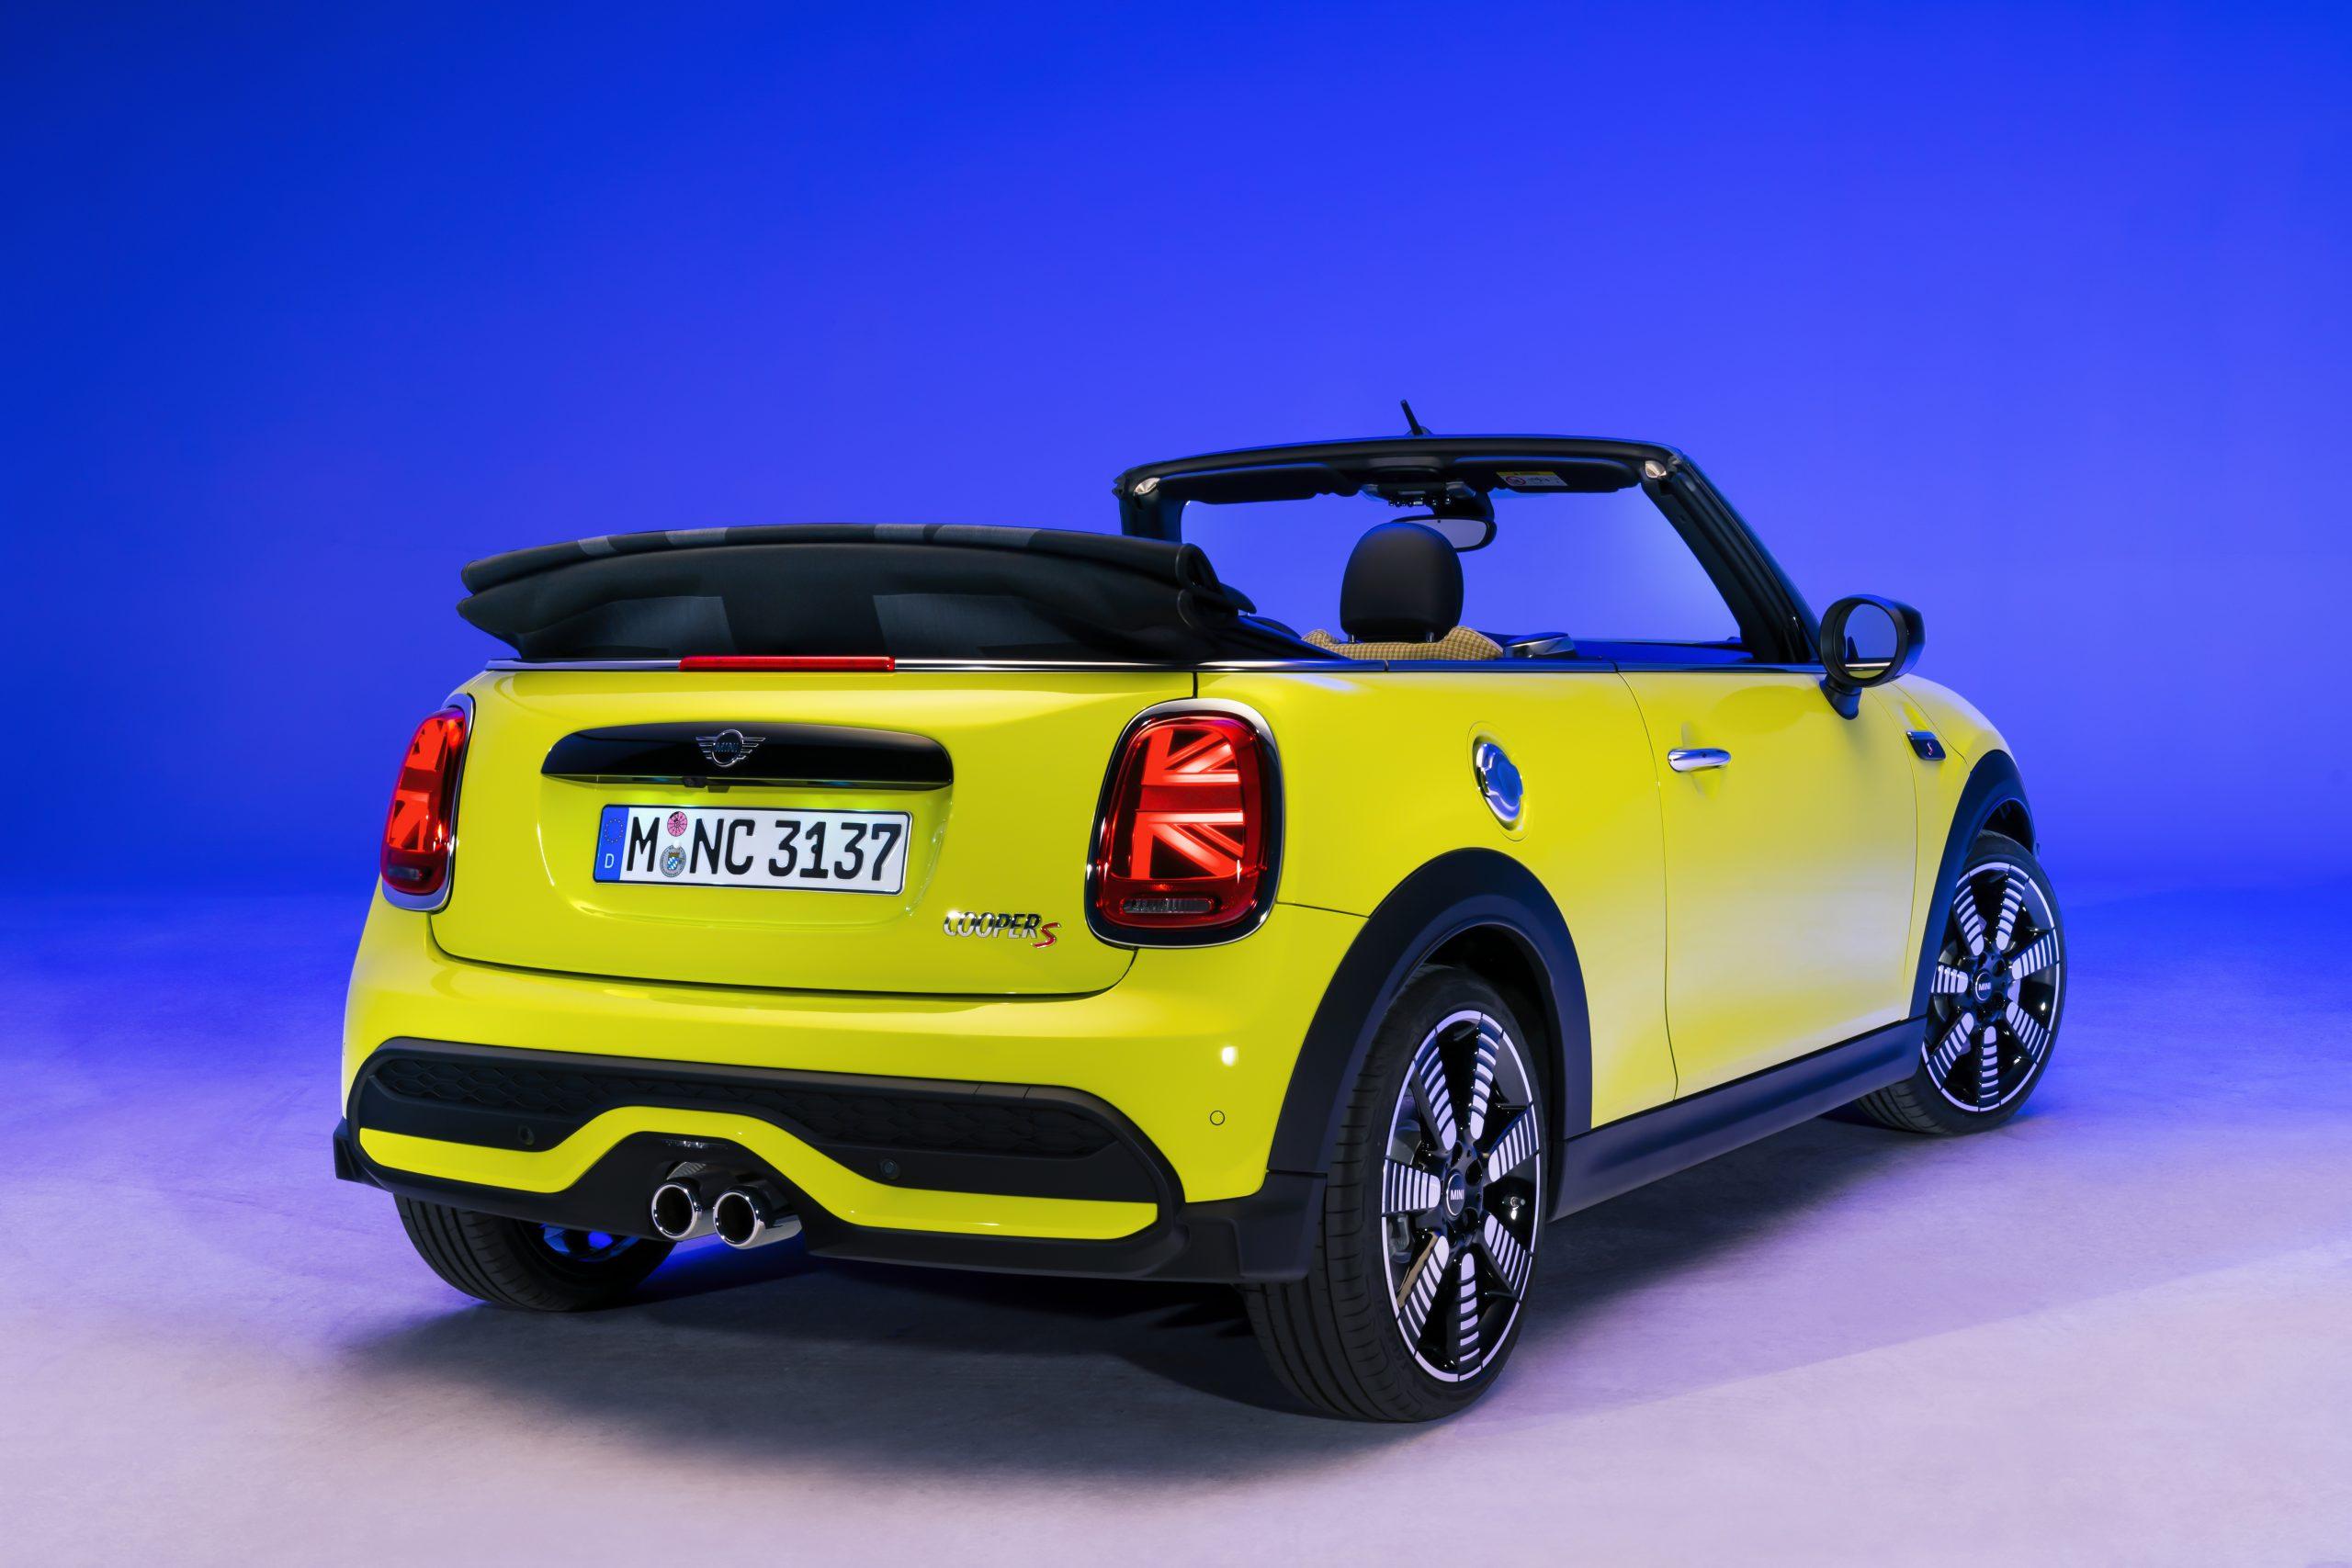 2022 Mini Cooper S Zesty Yellow two door convertible